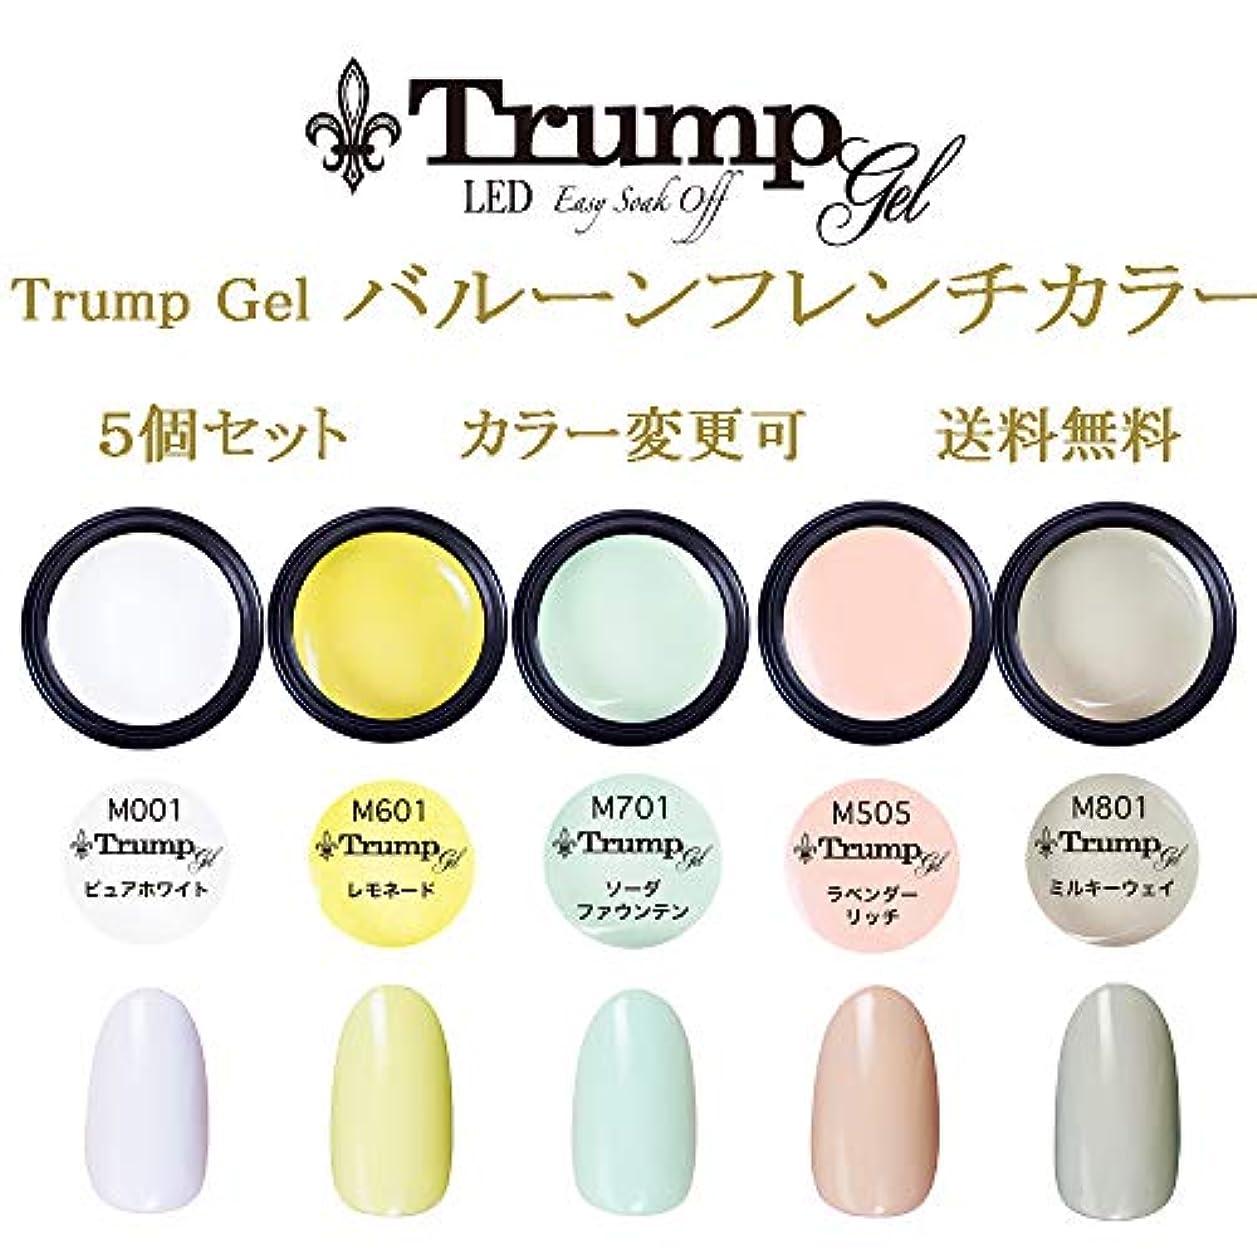 【送料無料】Trumpバルーンフレンチカラー 選べるカラージェル5個セット